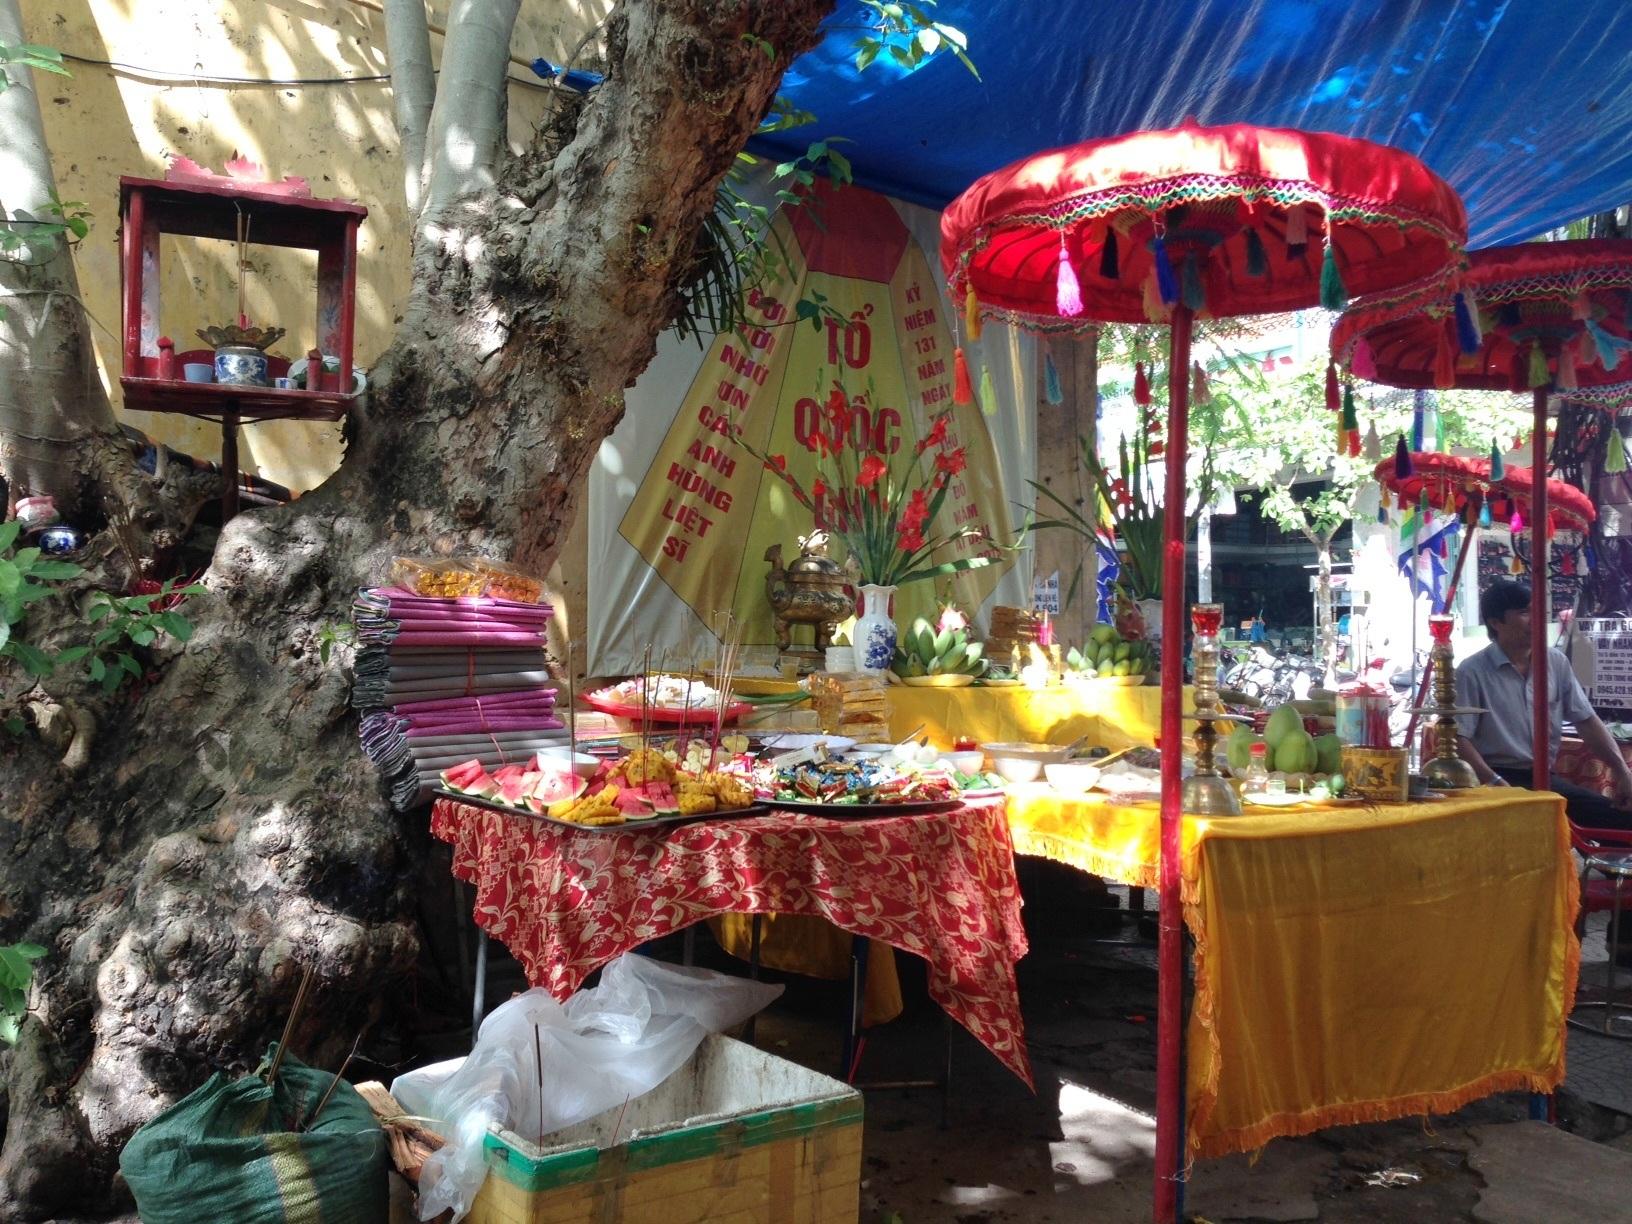 Những lễ vật cúng rất đa dạng bao gồm: Xôi đậu, chè bánh, trái cây, thịt luộc, nước…